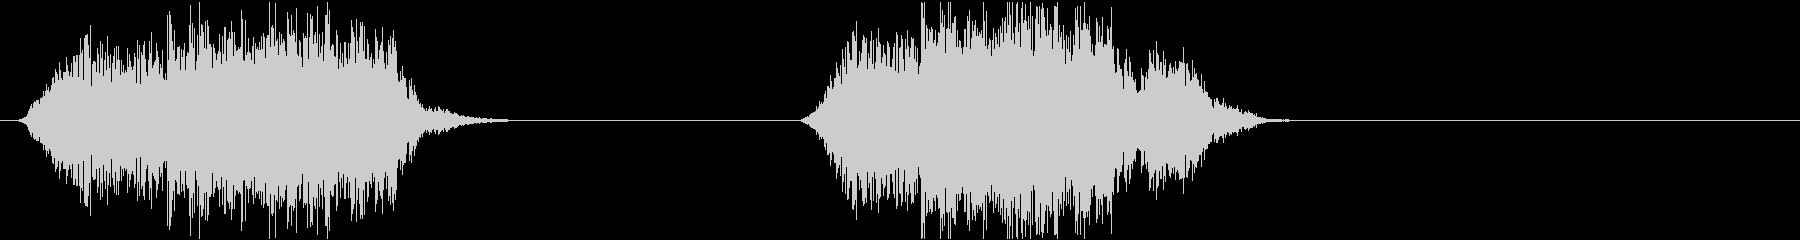 アニマルスティンガー;ドラゴンファ...の未再生の波形